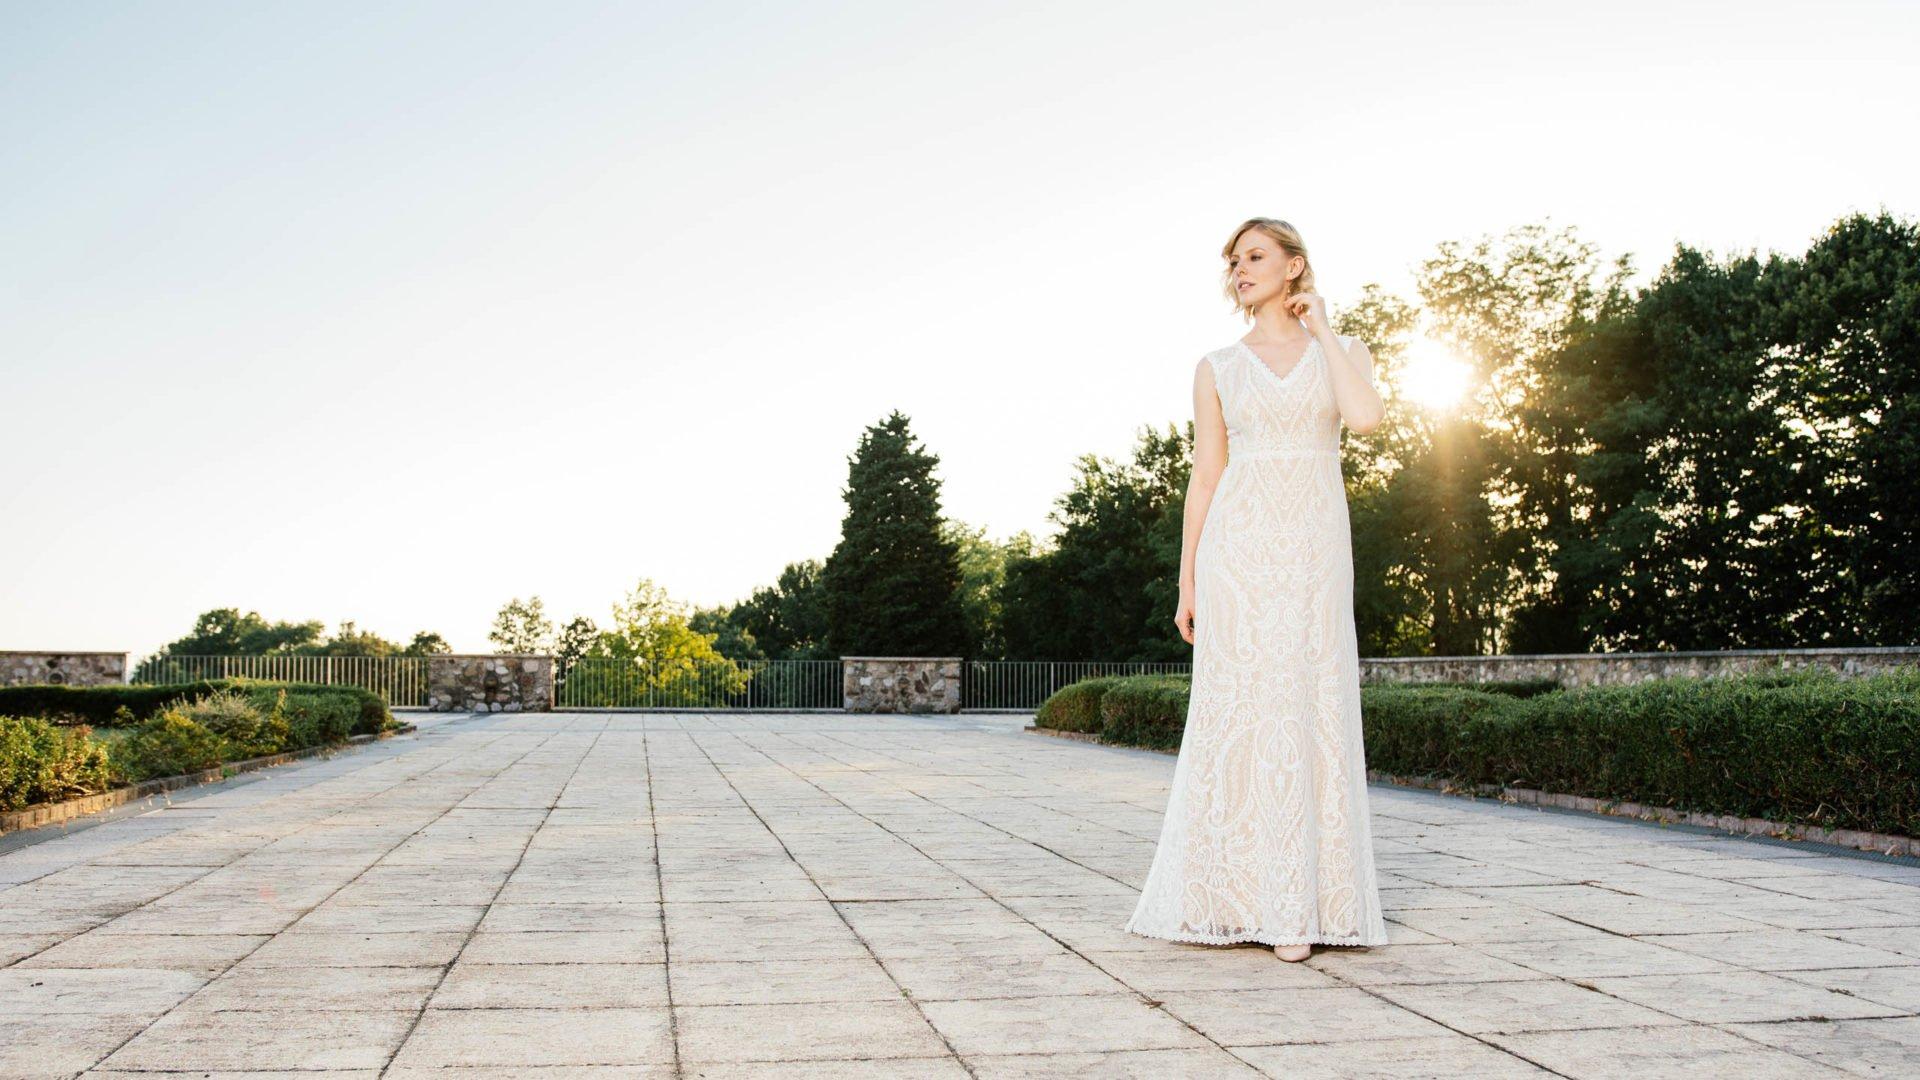 159745e52ff9ca Und wenn dich jetzt als zukünftige Braut vor der Brautkleidanprobe und dem  Kauf deines Traumkleides noch die gängigen Fragen plagen sollten, helfen  dir die ...